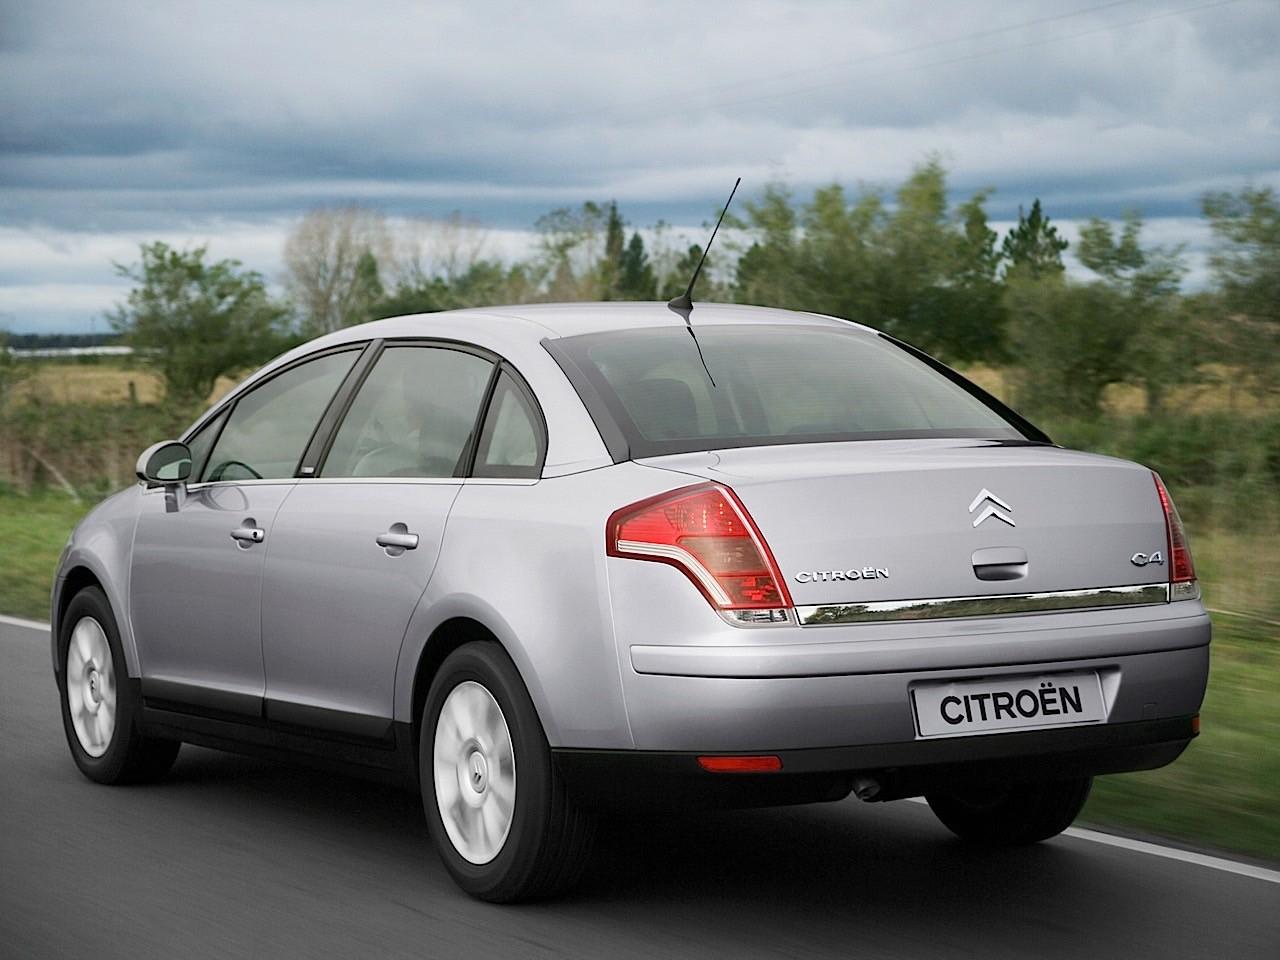 CITROEN C4 Sedan 4059 26